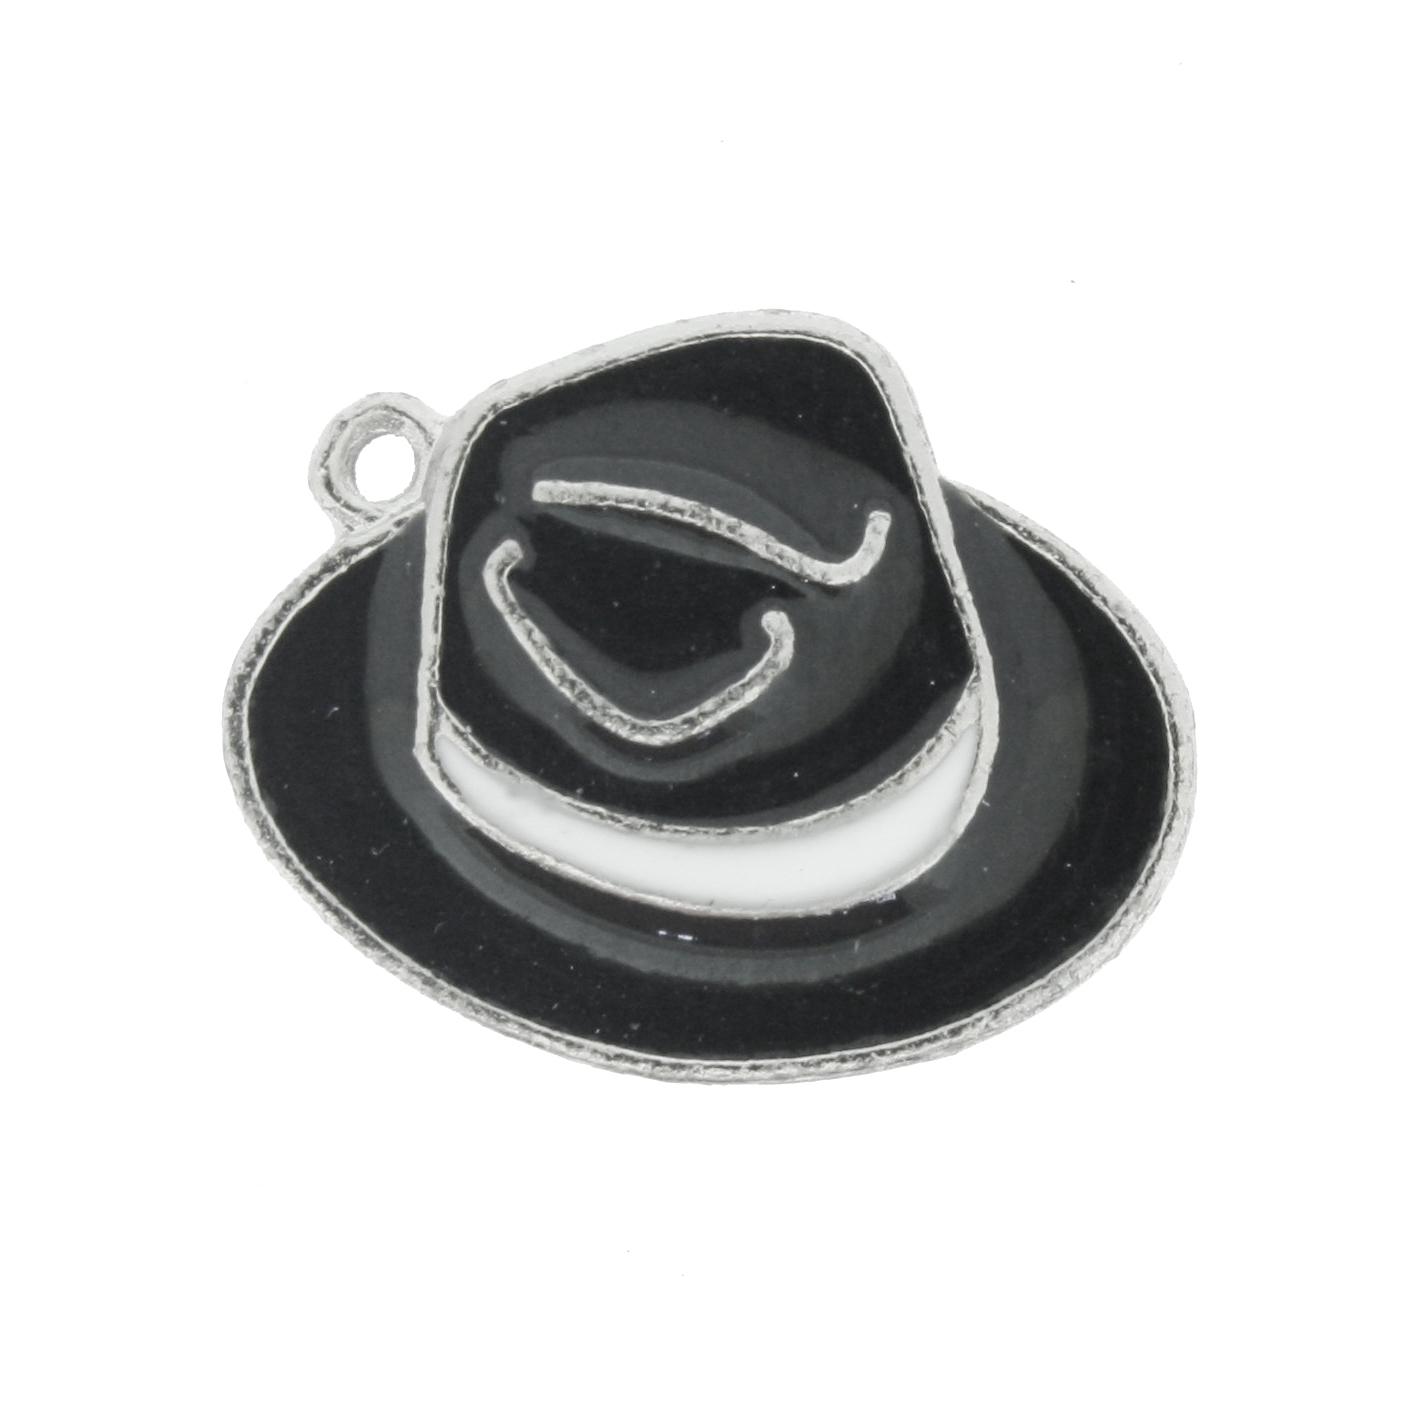 Chapéu Resinado Níquel - Preto e Branco - 16mm  - Universo Religioso® - Artigos de Umbanda e Candomblé